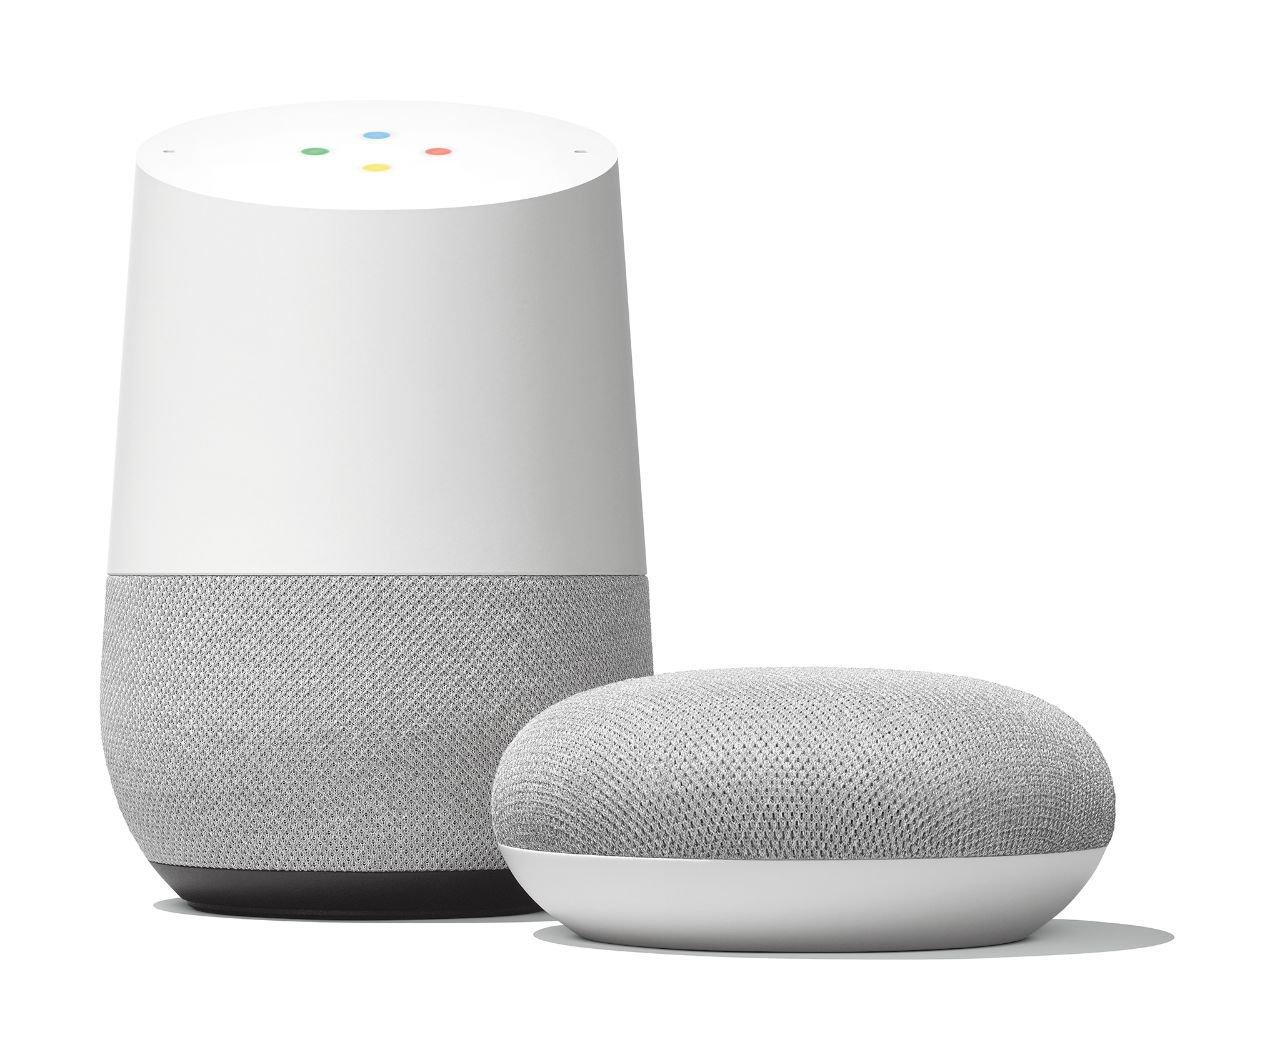 Google Home, prossimamente nel vostro soggiorno